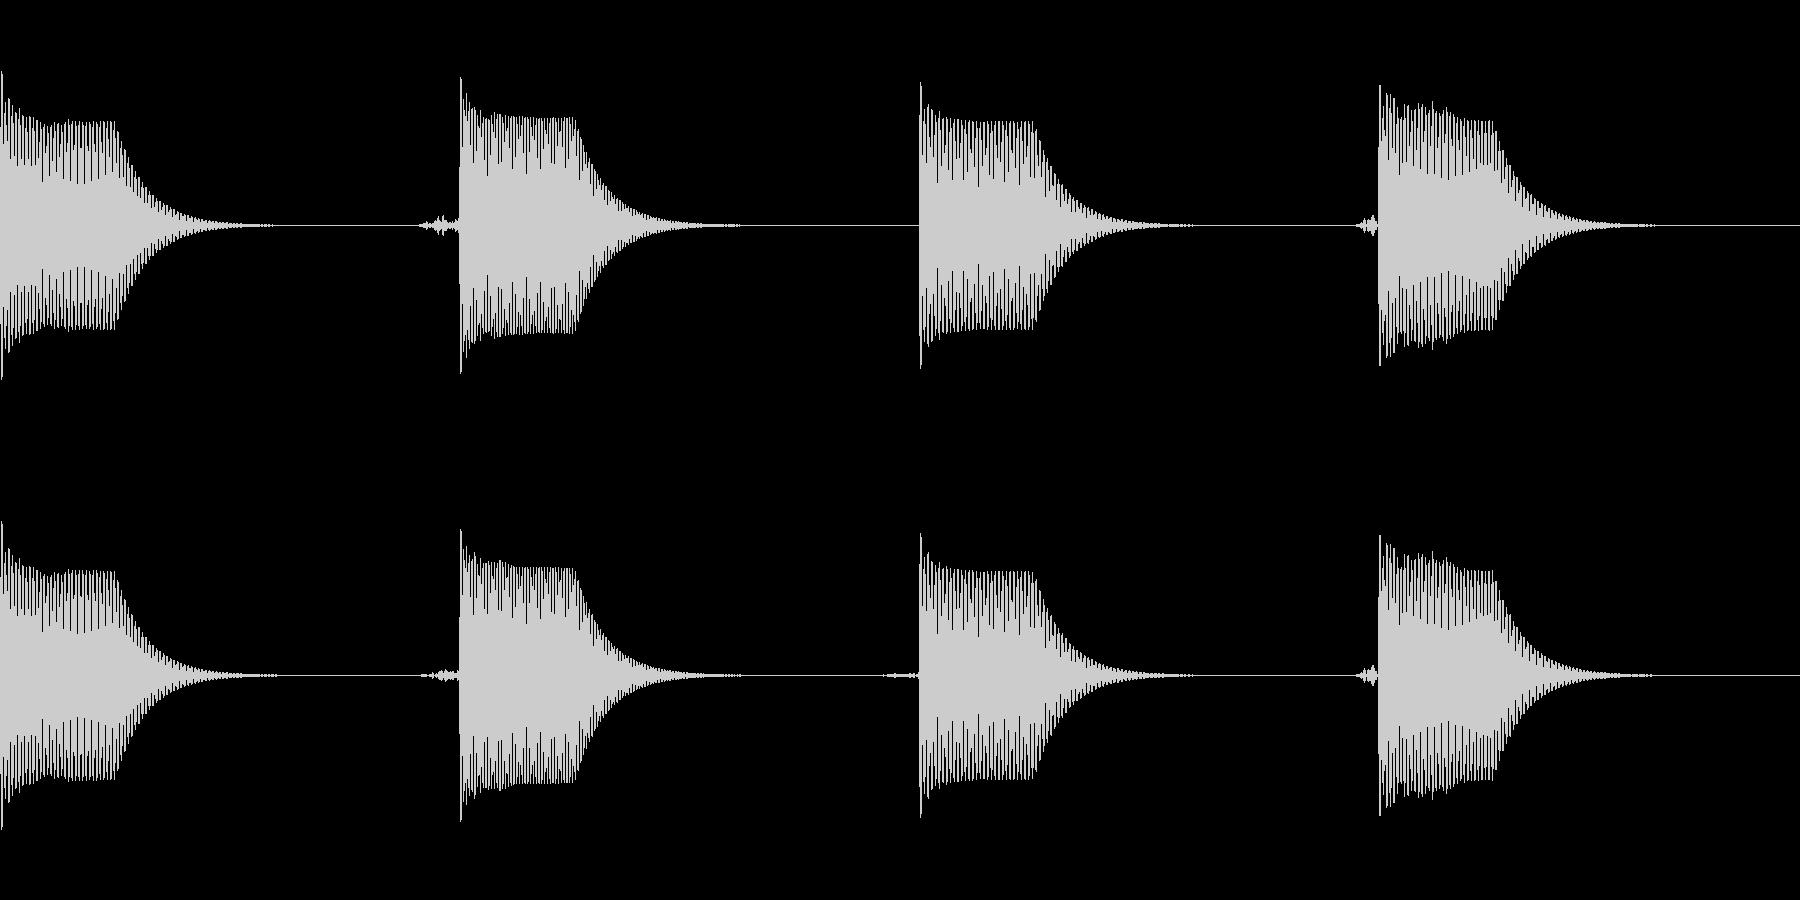 [効果音]コミカルな着信音の未再生の波形